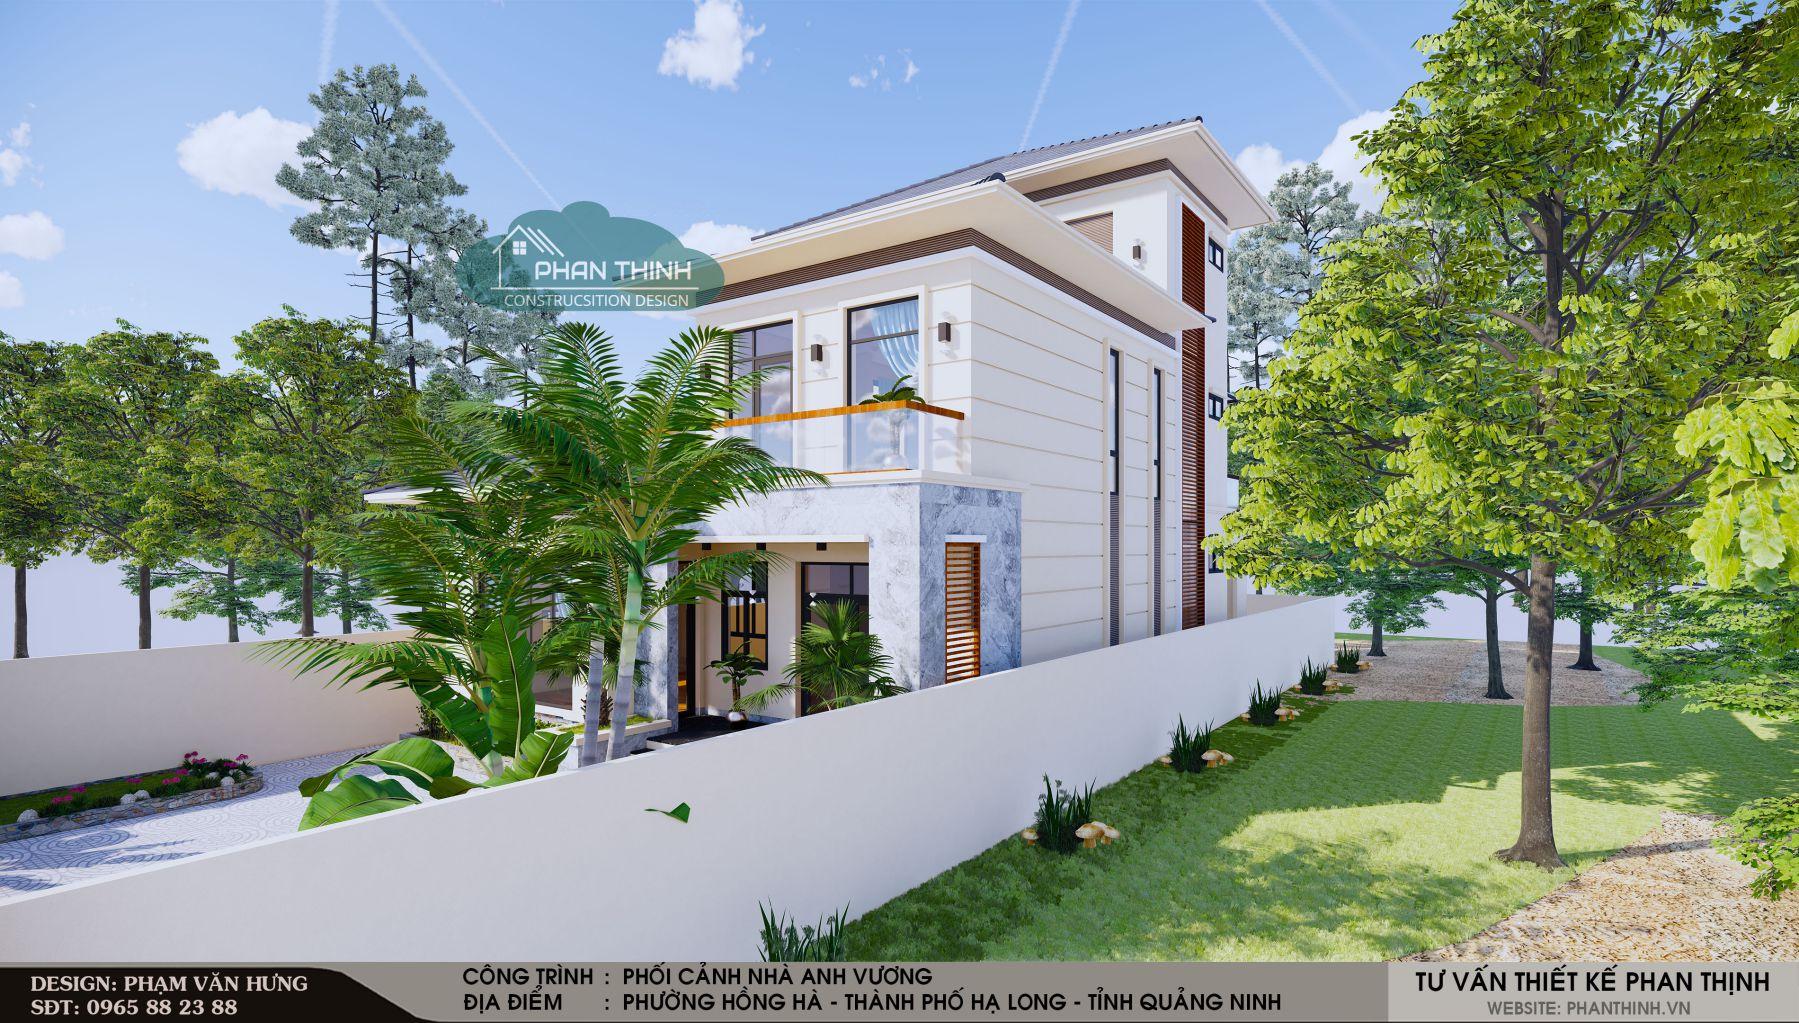 Thuê thiết kế nhà